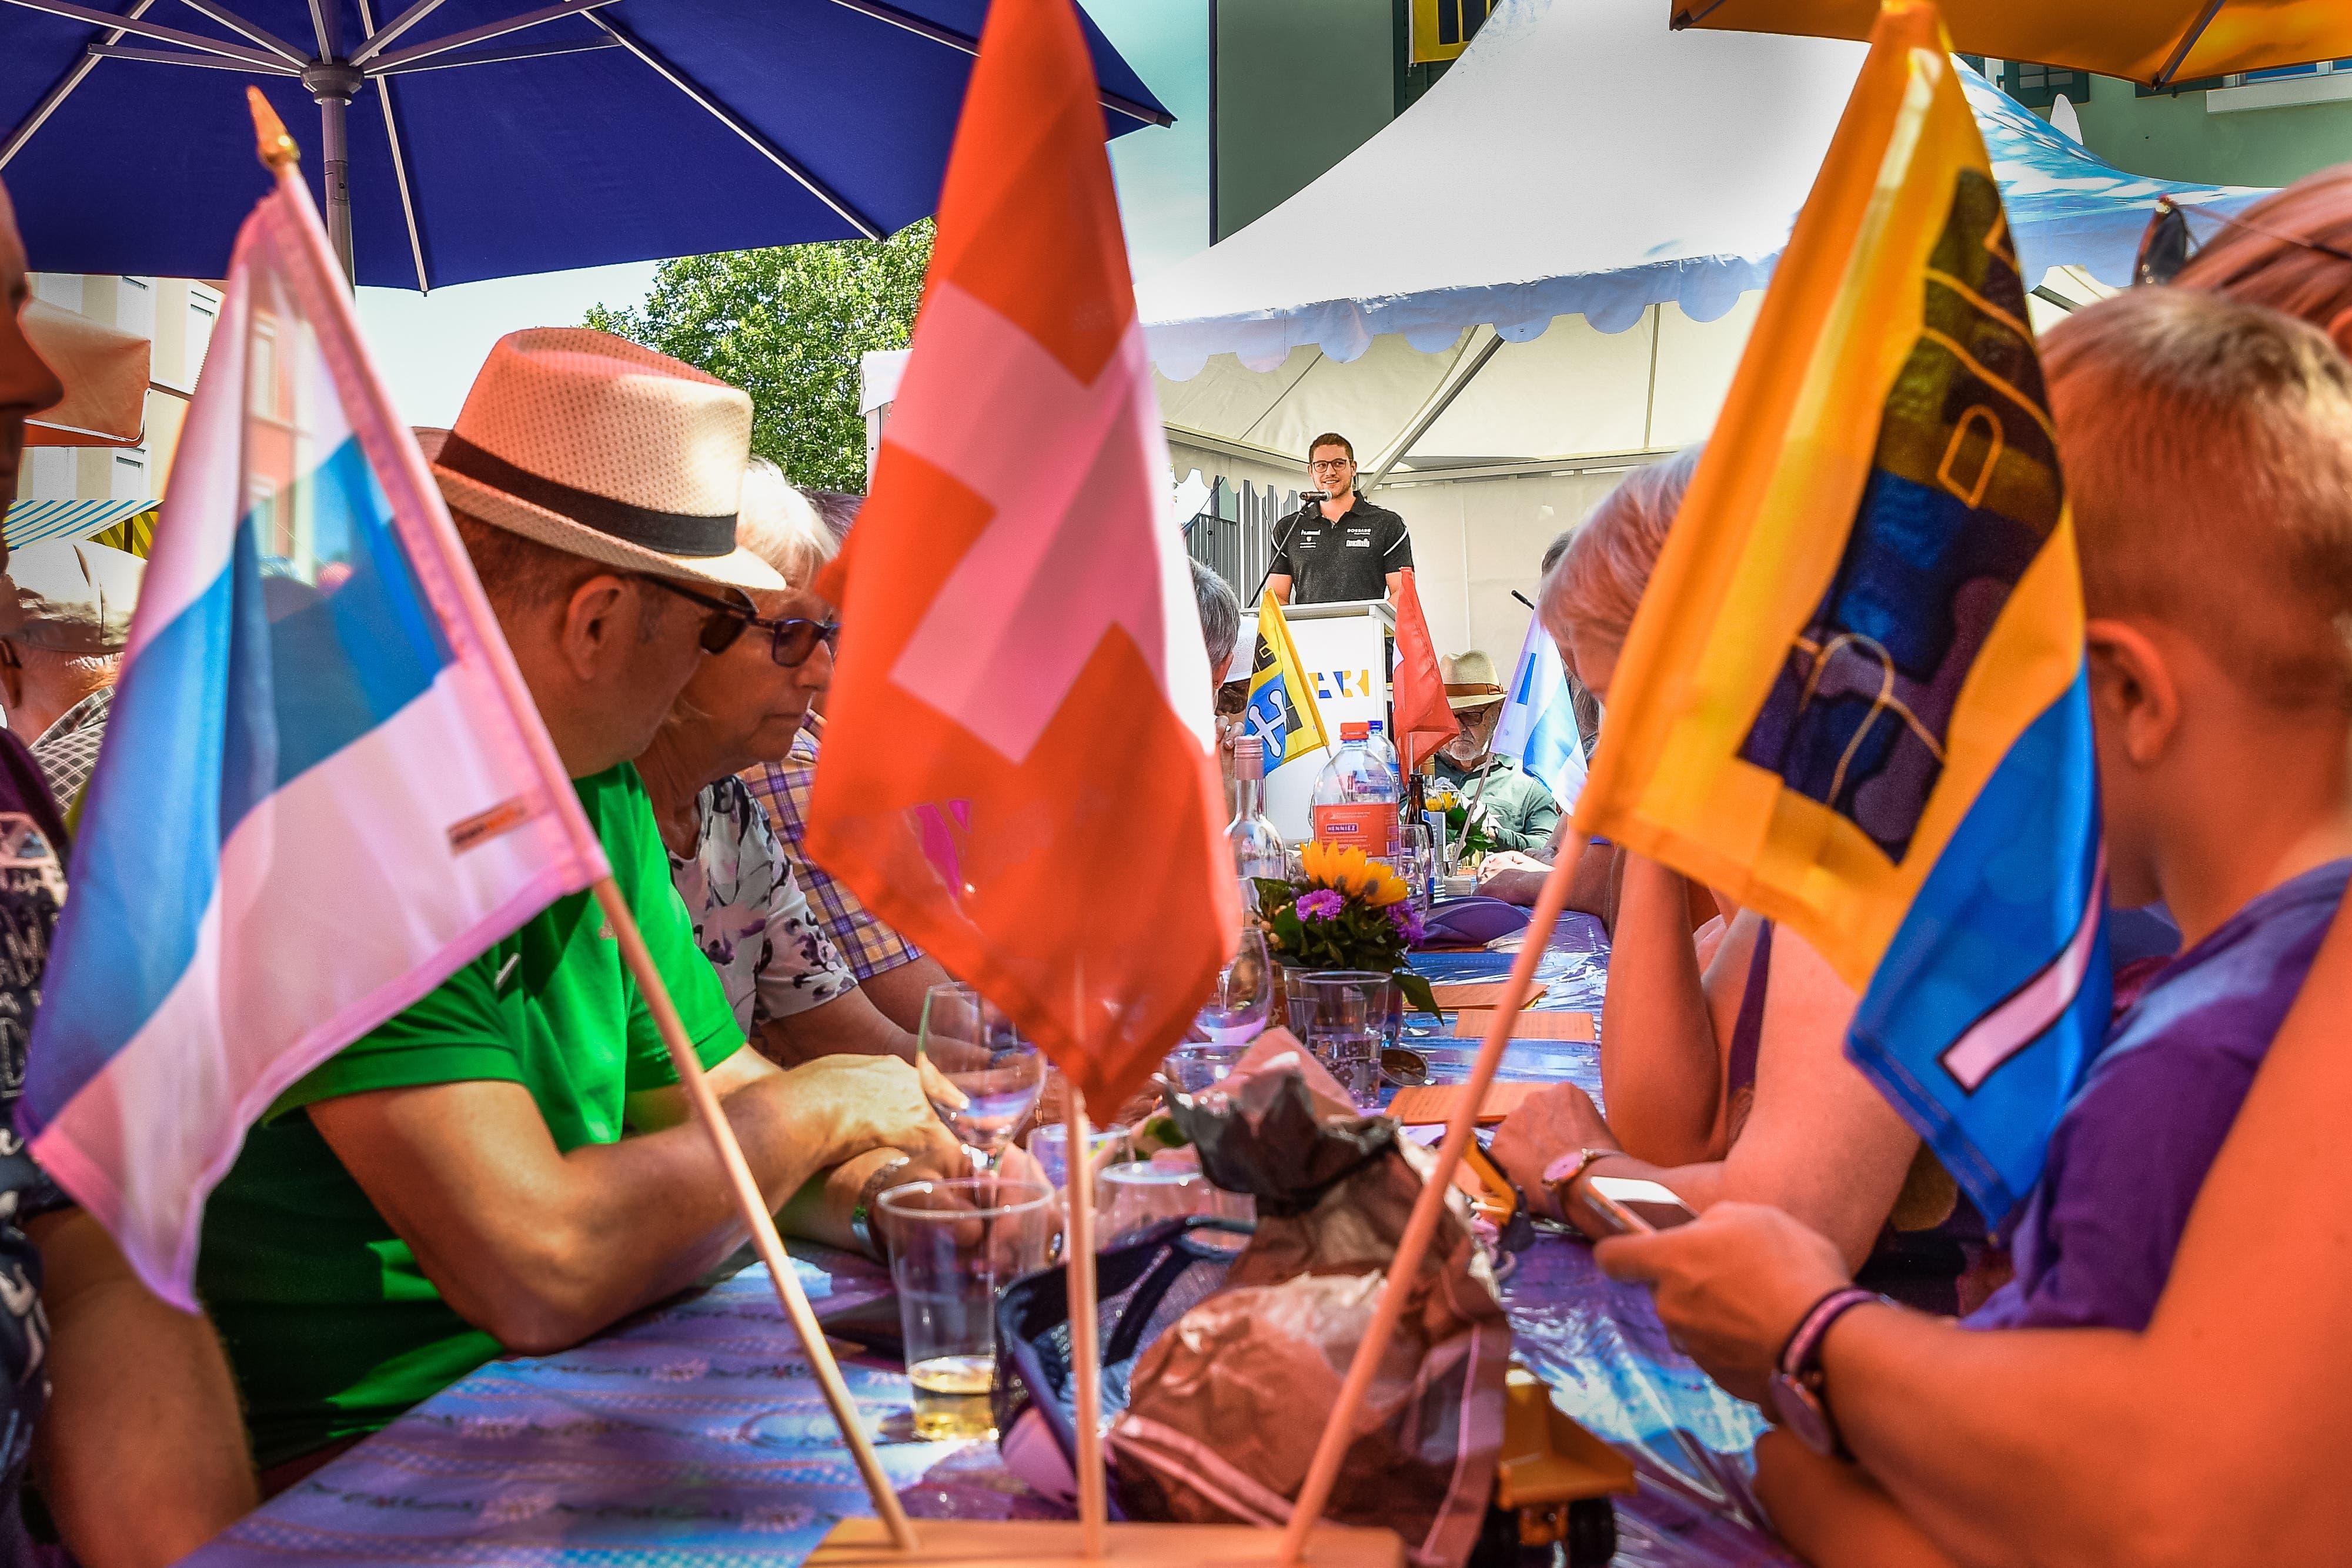 Die Bundesfeier in Baar auf dem Platz hinter dem Rathaus. Der Schwinger Marcel Bieri aus Edlibach hielt die Rede. (Bild: Christian H. Hildebrand, Baar, 1. August 2019)